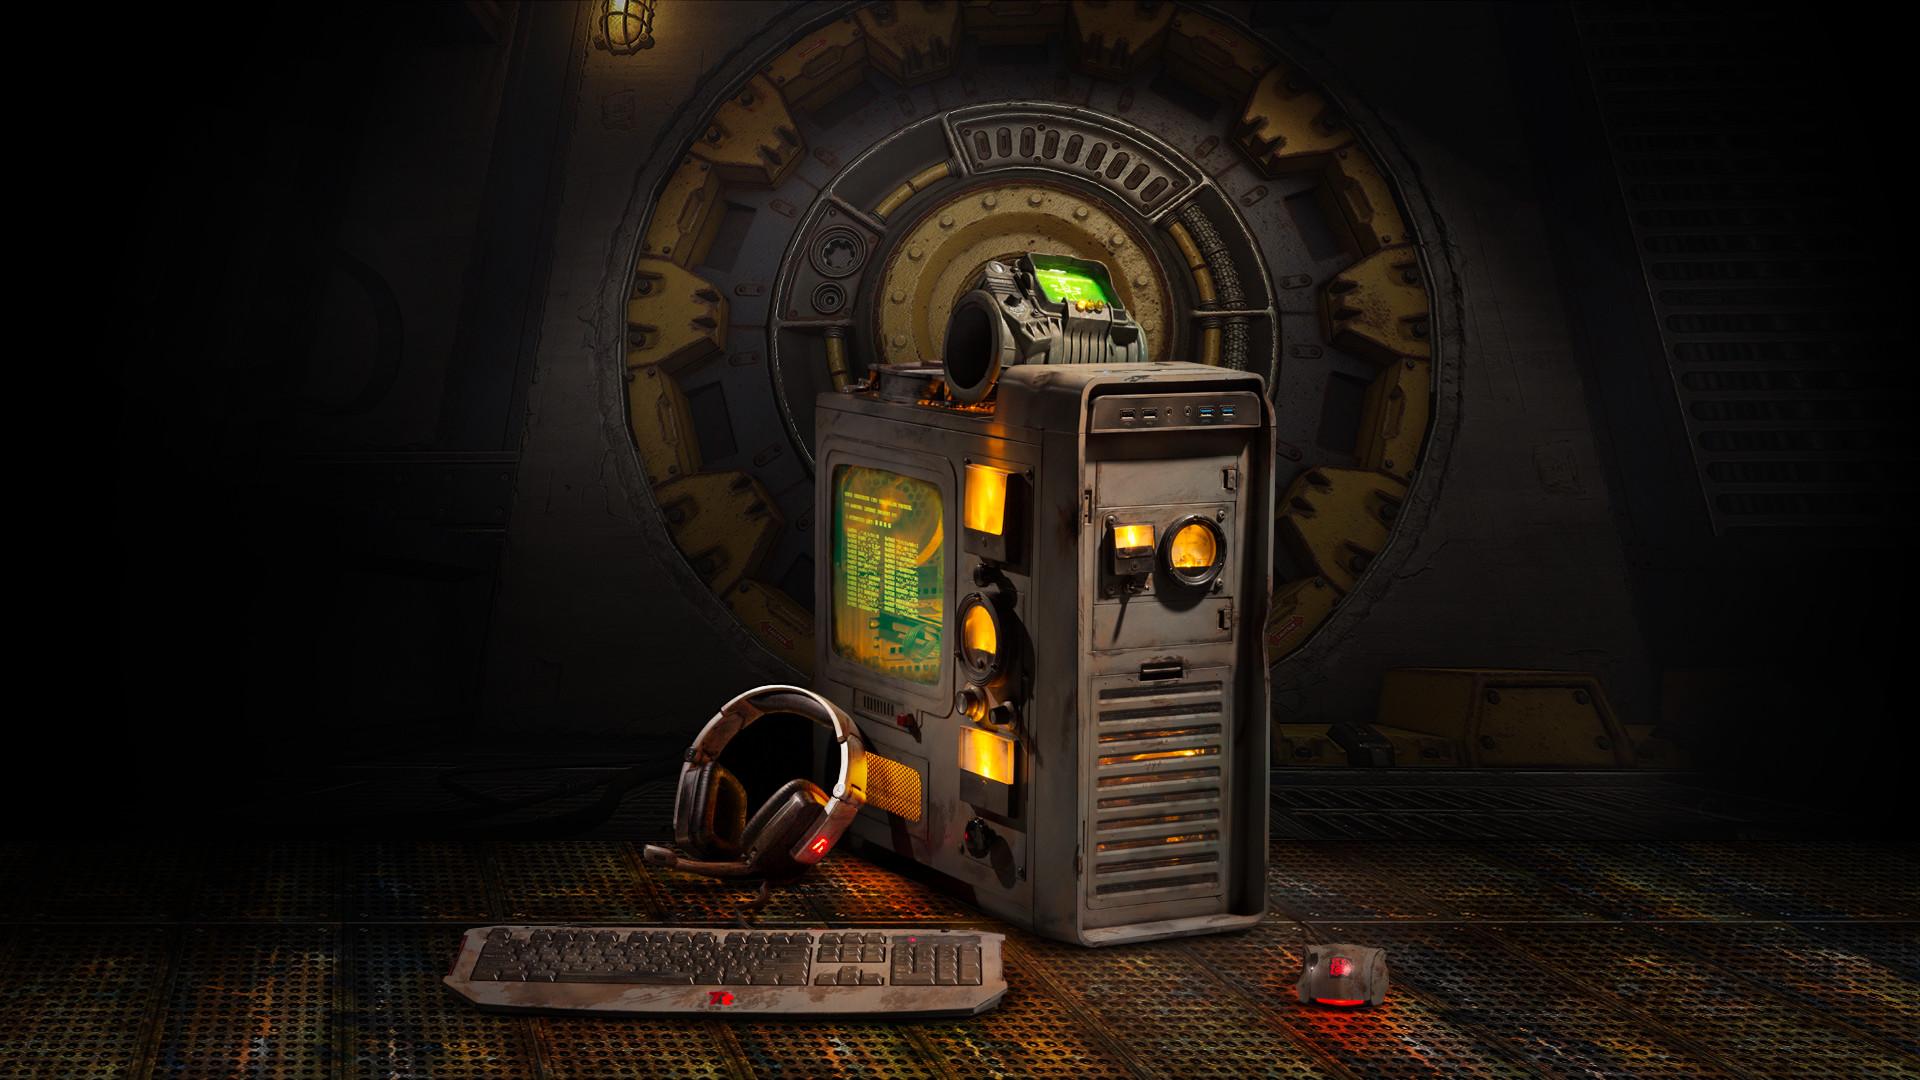 Him Iphone Wallpaper Yidiy Dewayne Carel Amp His Fallout Rig Geforce